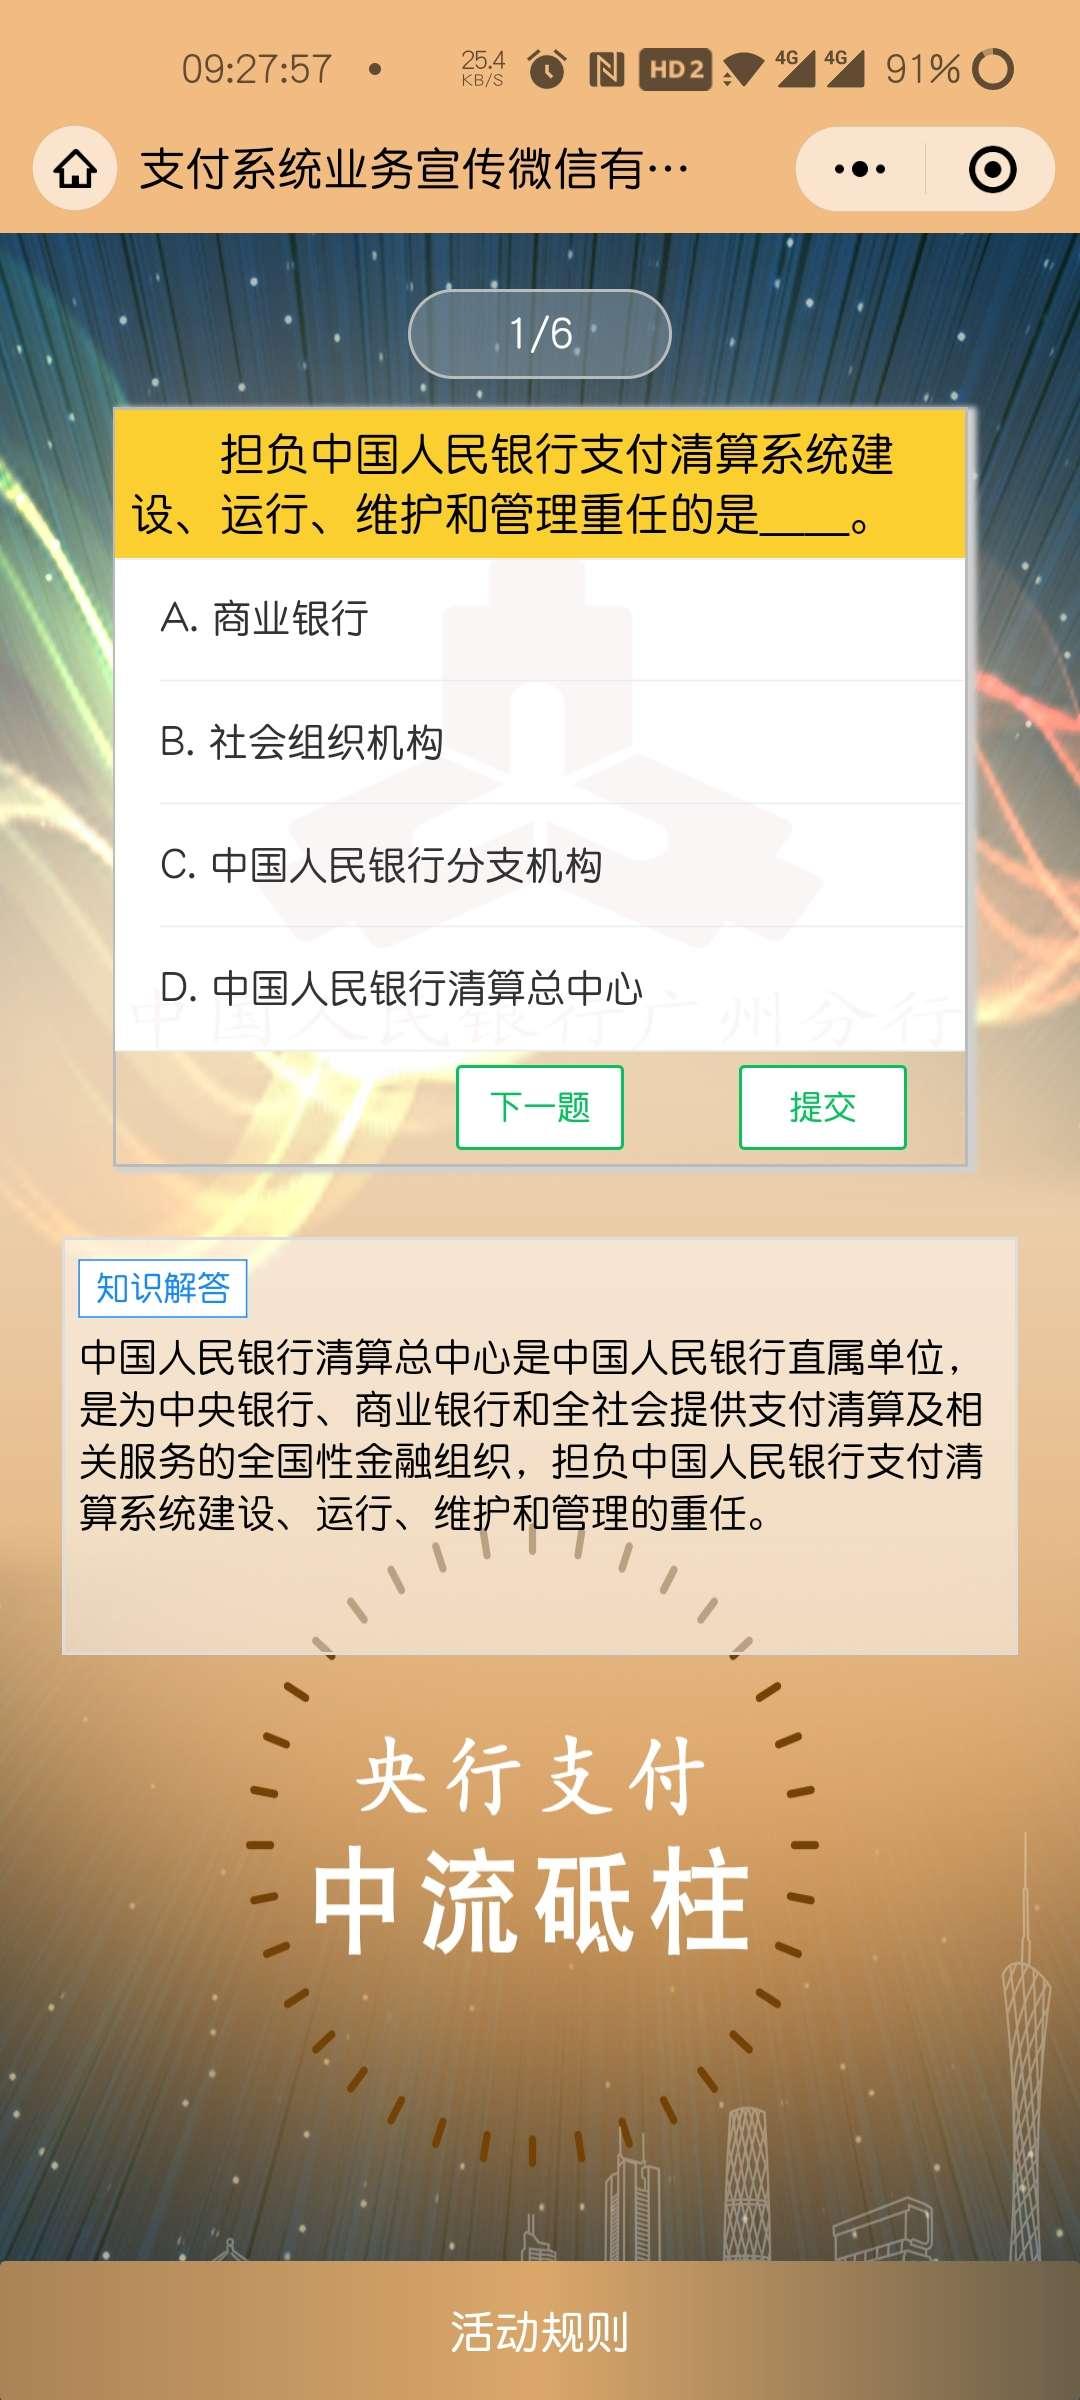 图片[2]-广东金融科技时代杂志社答题抽红包-老友薅羊毛活动线报网